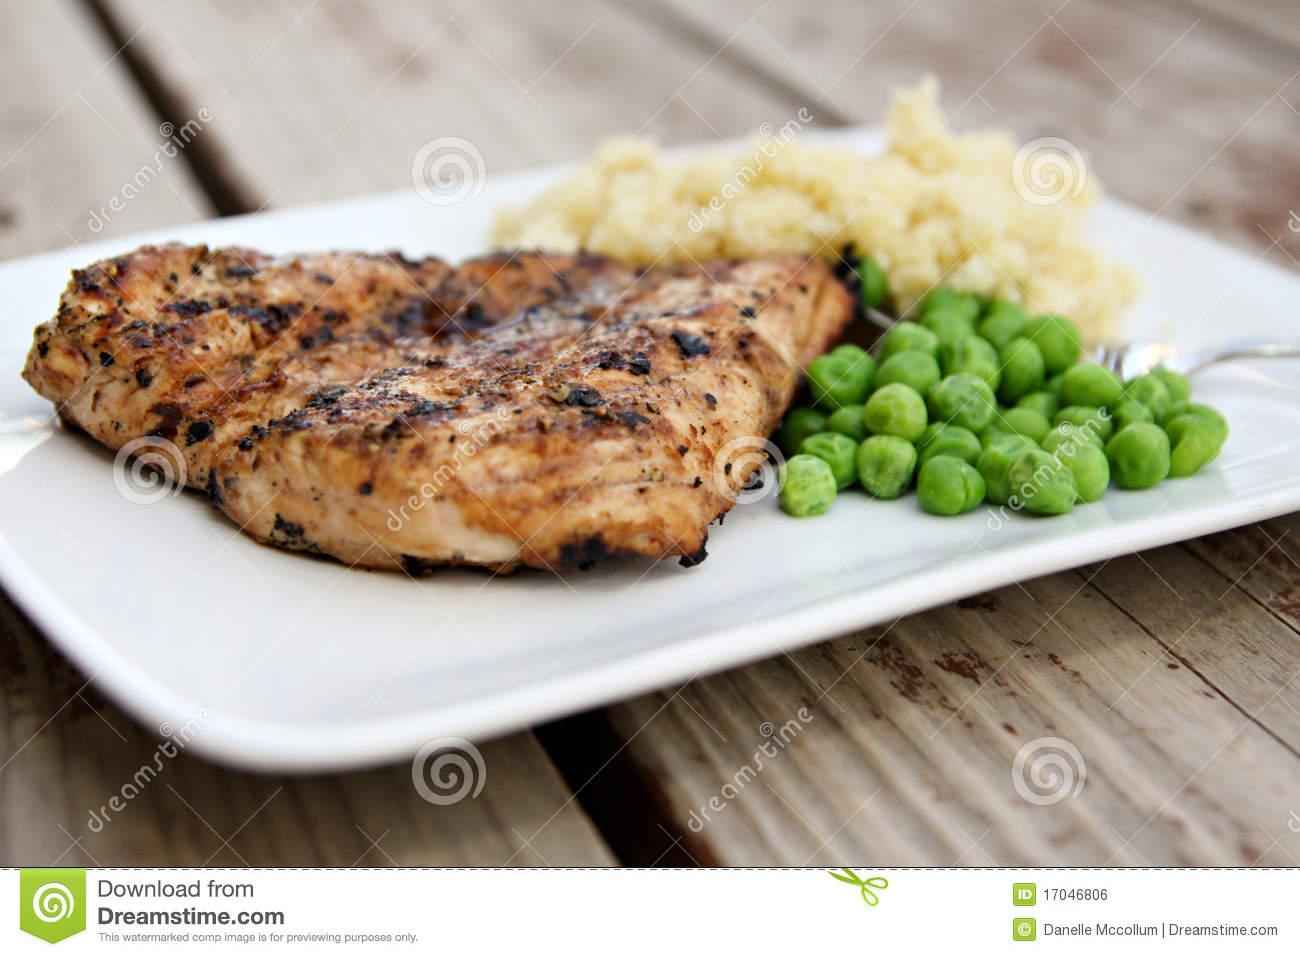 Grilled chicken clip art - photo#21